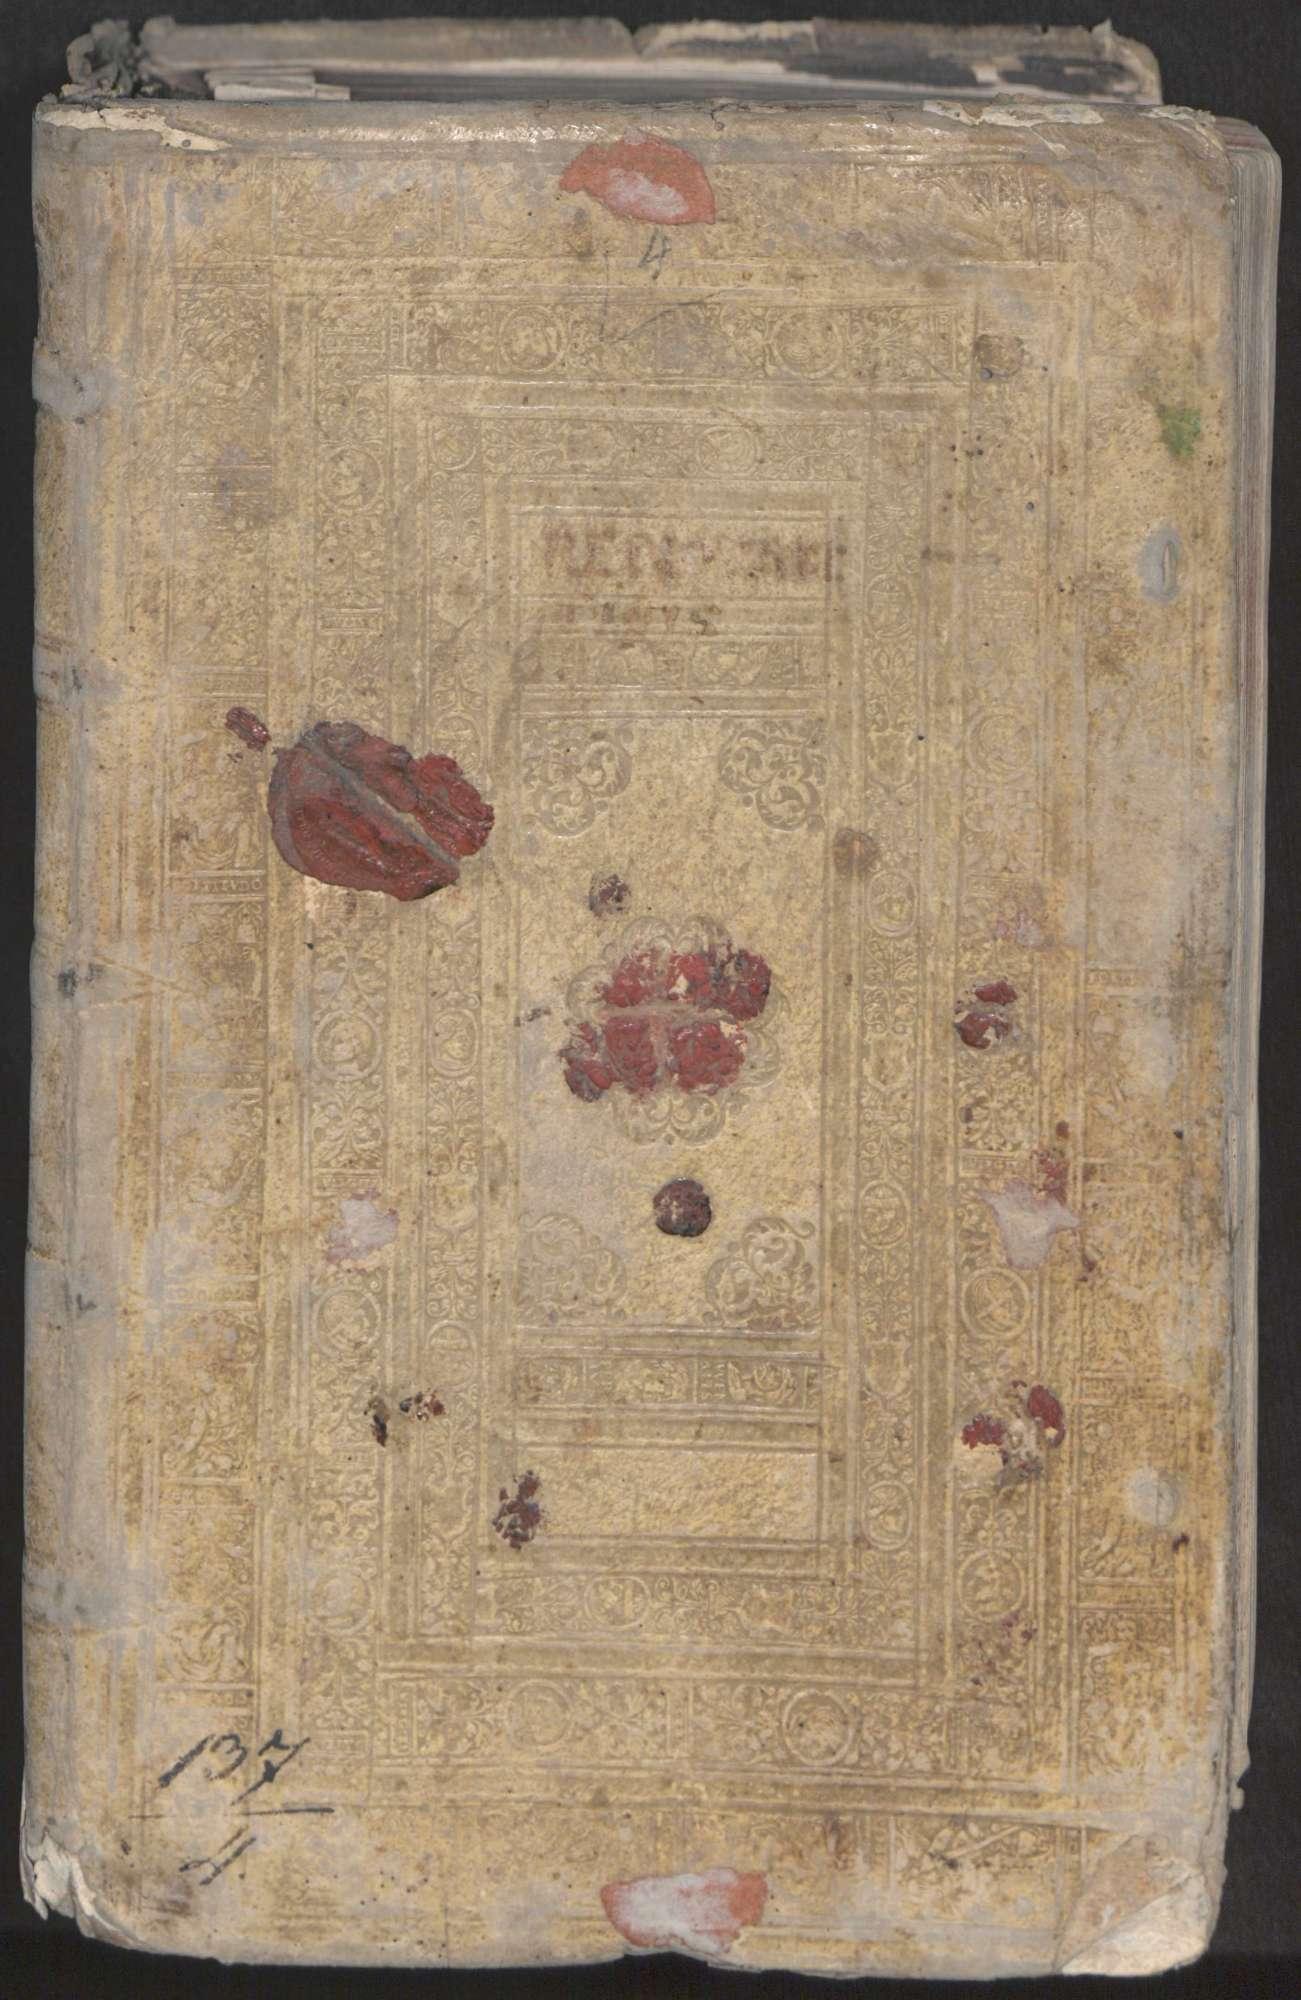 Haigerloch: Herrschaftliches Urbar über die Herrschaft Wehrstein, angefertigt auf Befehl des Grafen [Johann] Christoph zu Hohenzollern-Haigerloch, Bild 2